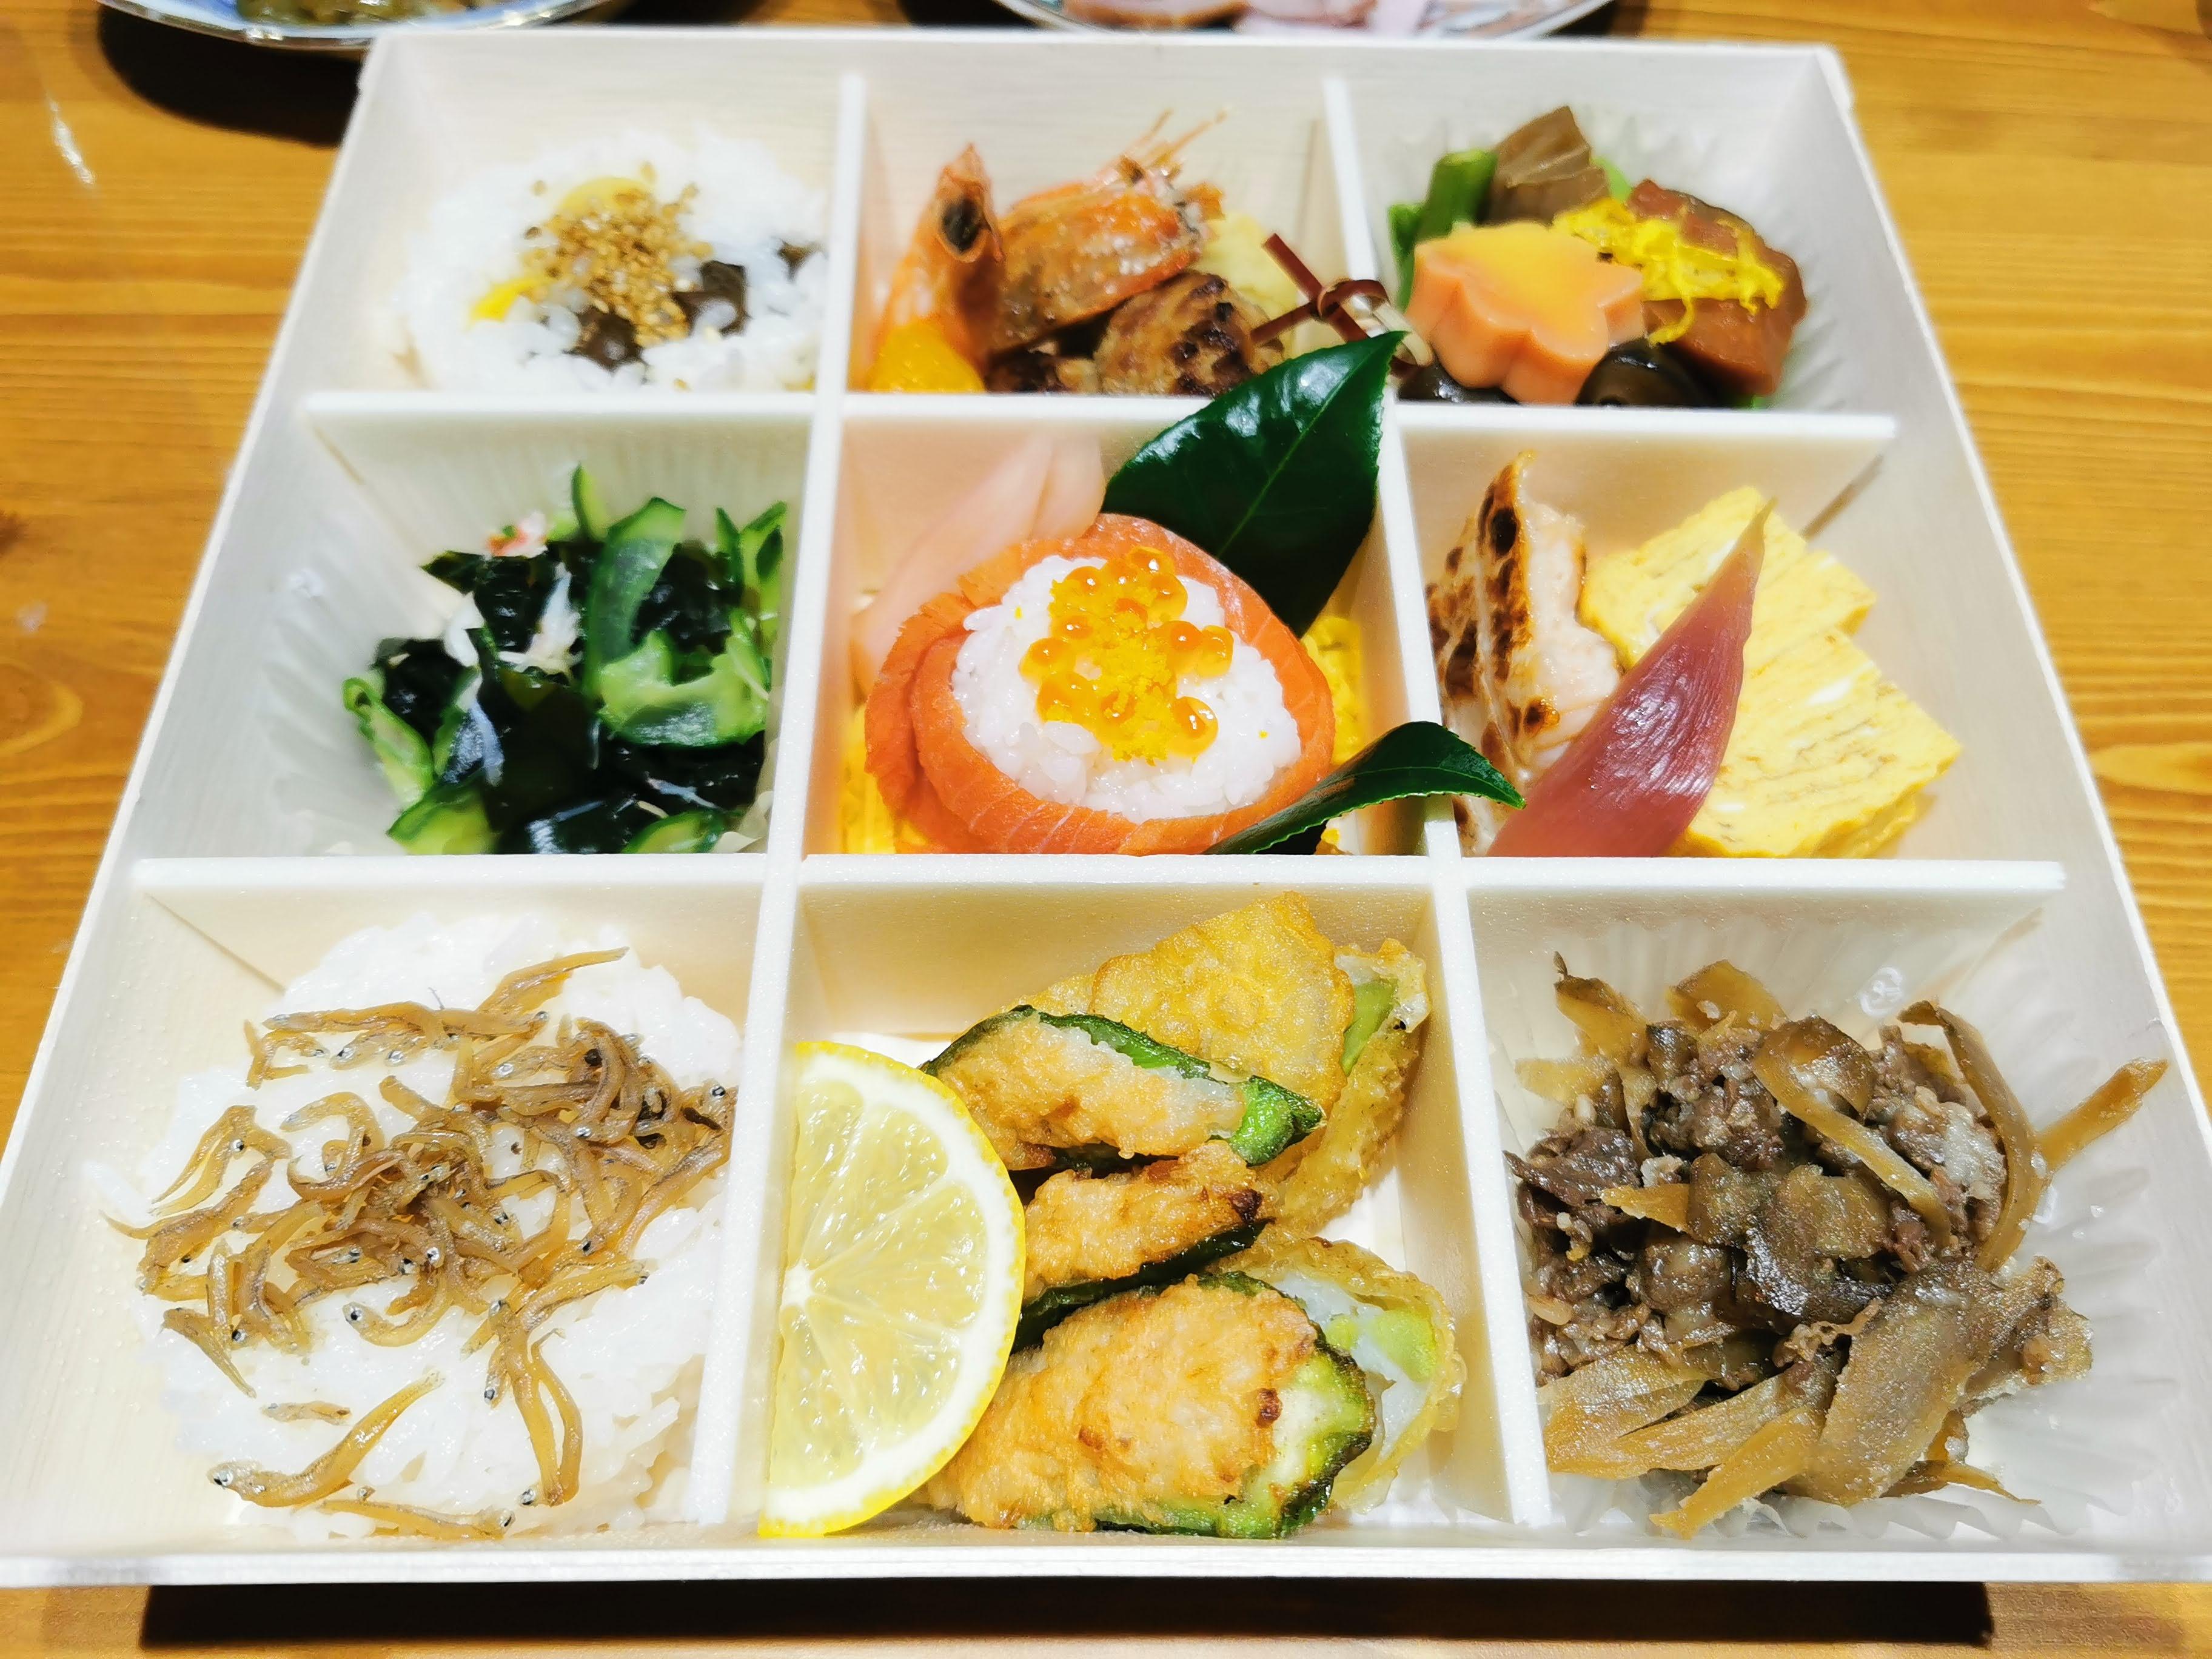 【逗子】食事処 こづか@テイクアウト「四季彩弁当」は品数豊富で丁寧な料理に大満足!